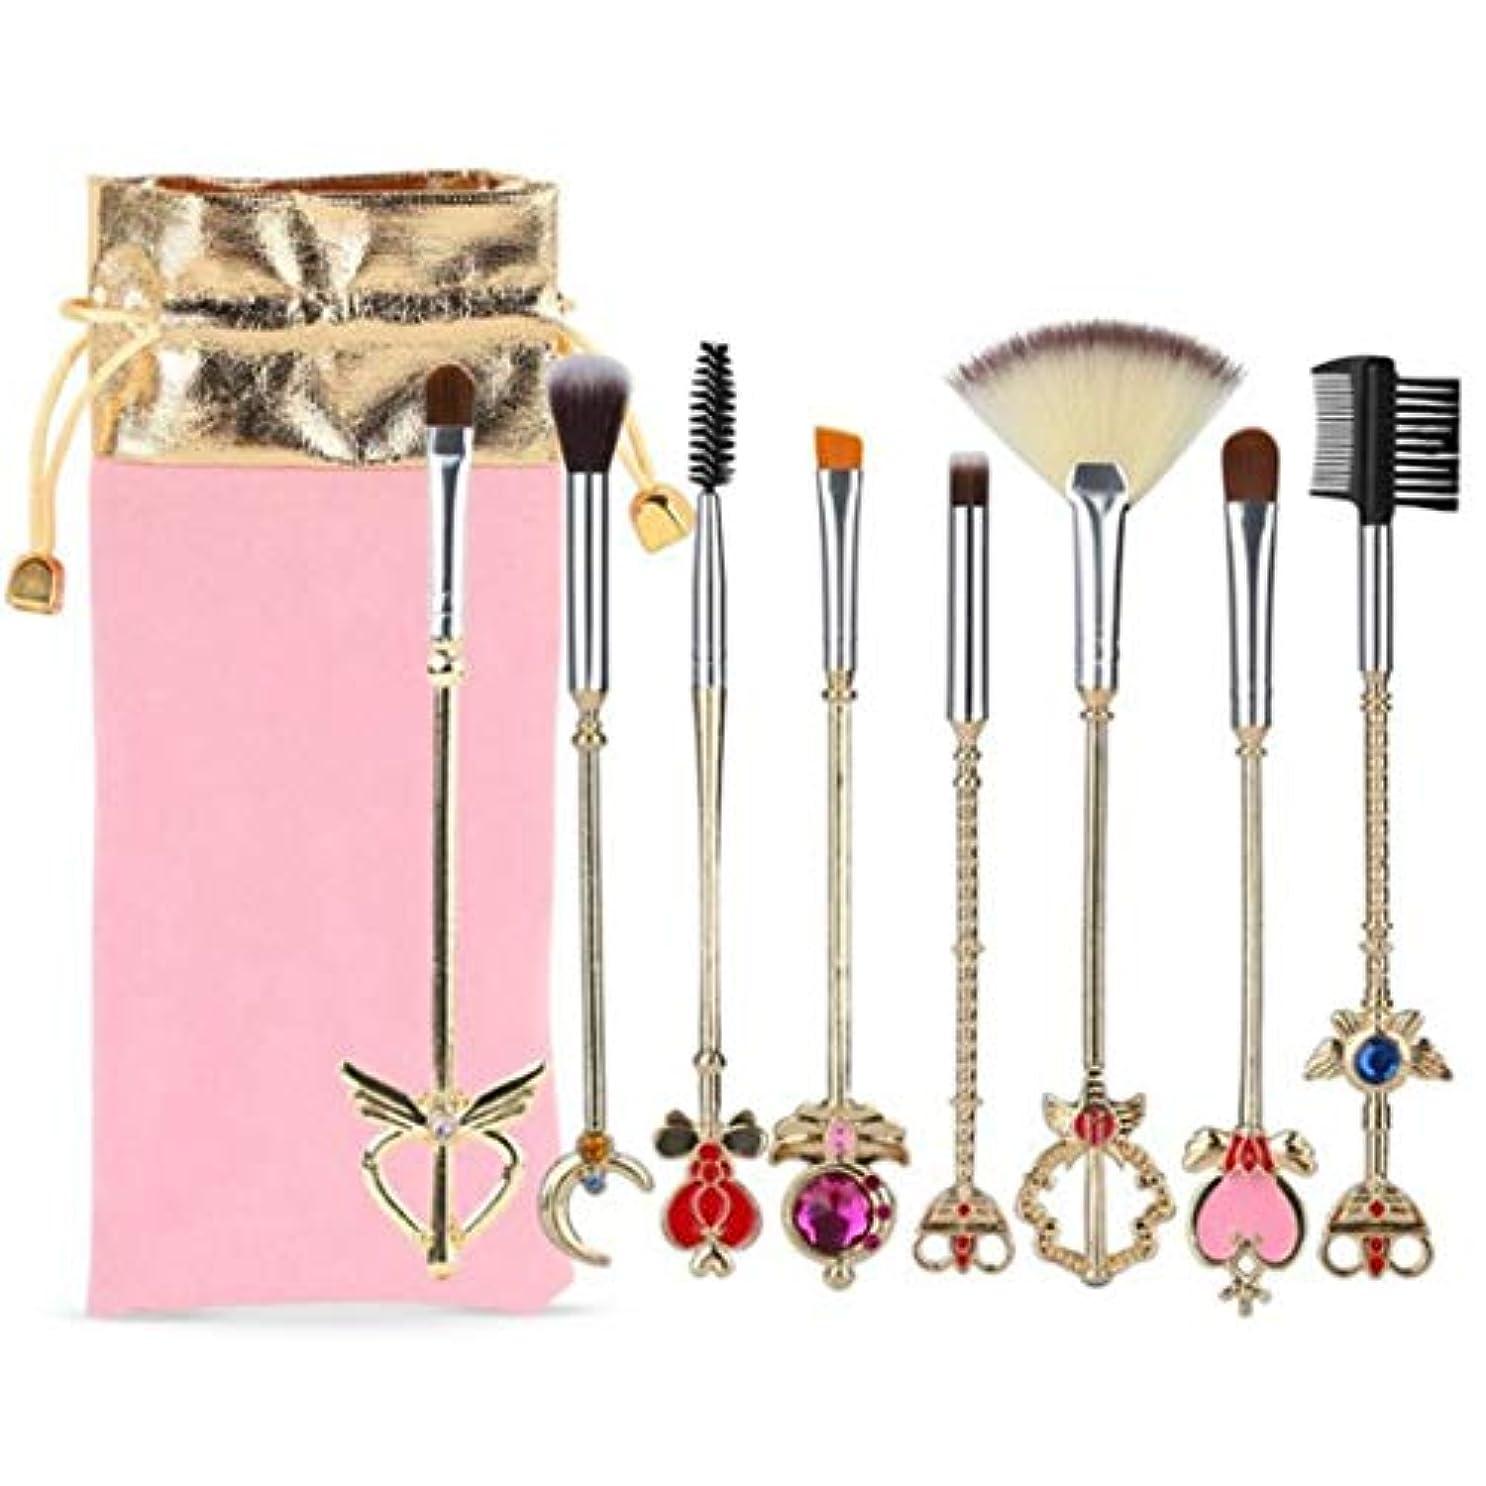 合計シャー賠償OU-Kunmlef 信頼できる8 PCセーラームーン化粧ブラシは、ポーチ、魔法の女の子ゴールドcardcaptor桜の化粧品ブラシとセットをドローストリングバッグ